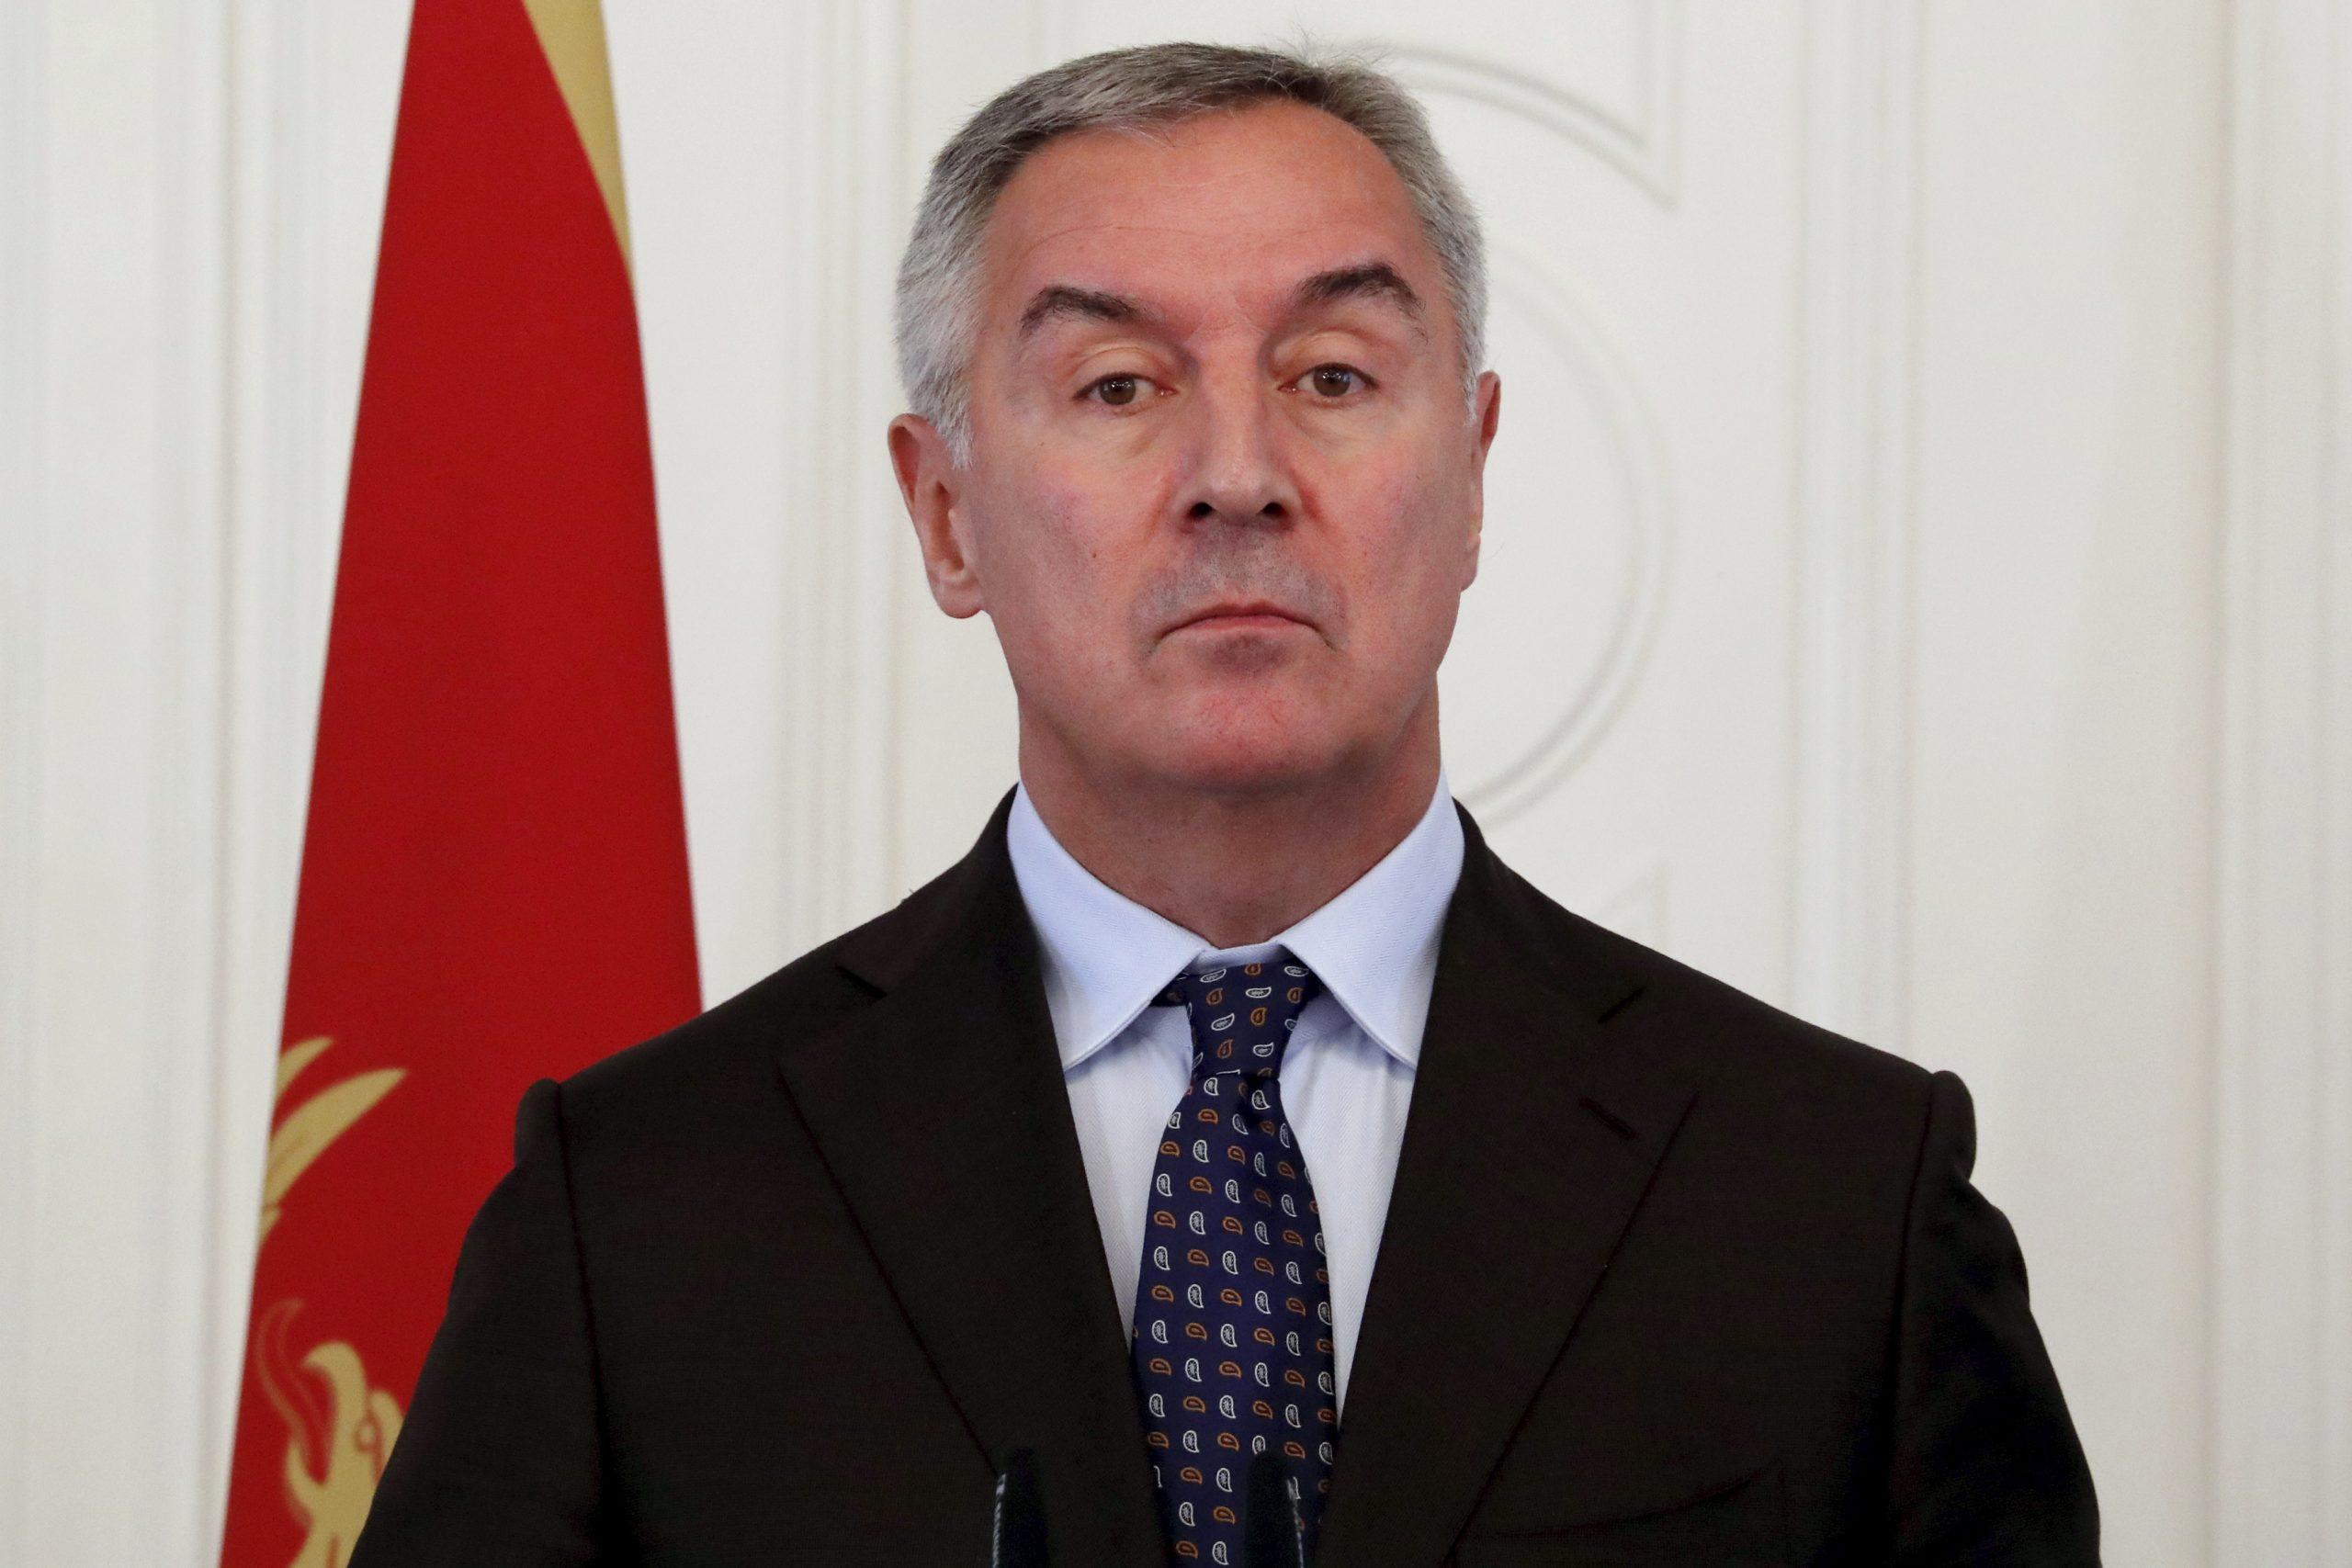 Sutra kongres DPS-a, Đukanović najavio 60 odsto novih ljudi u Glavnom odboru 1